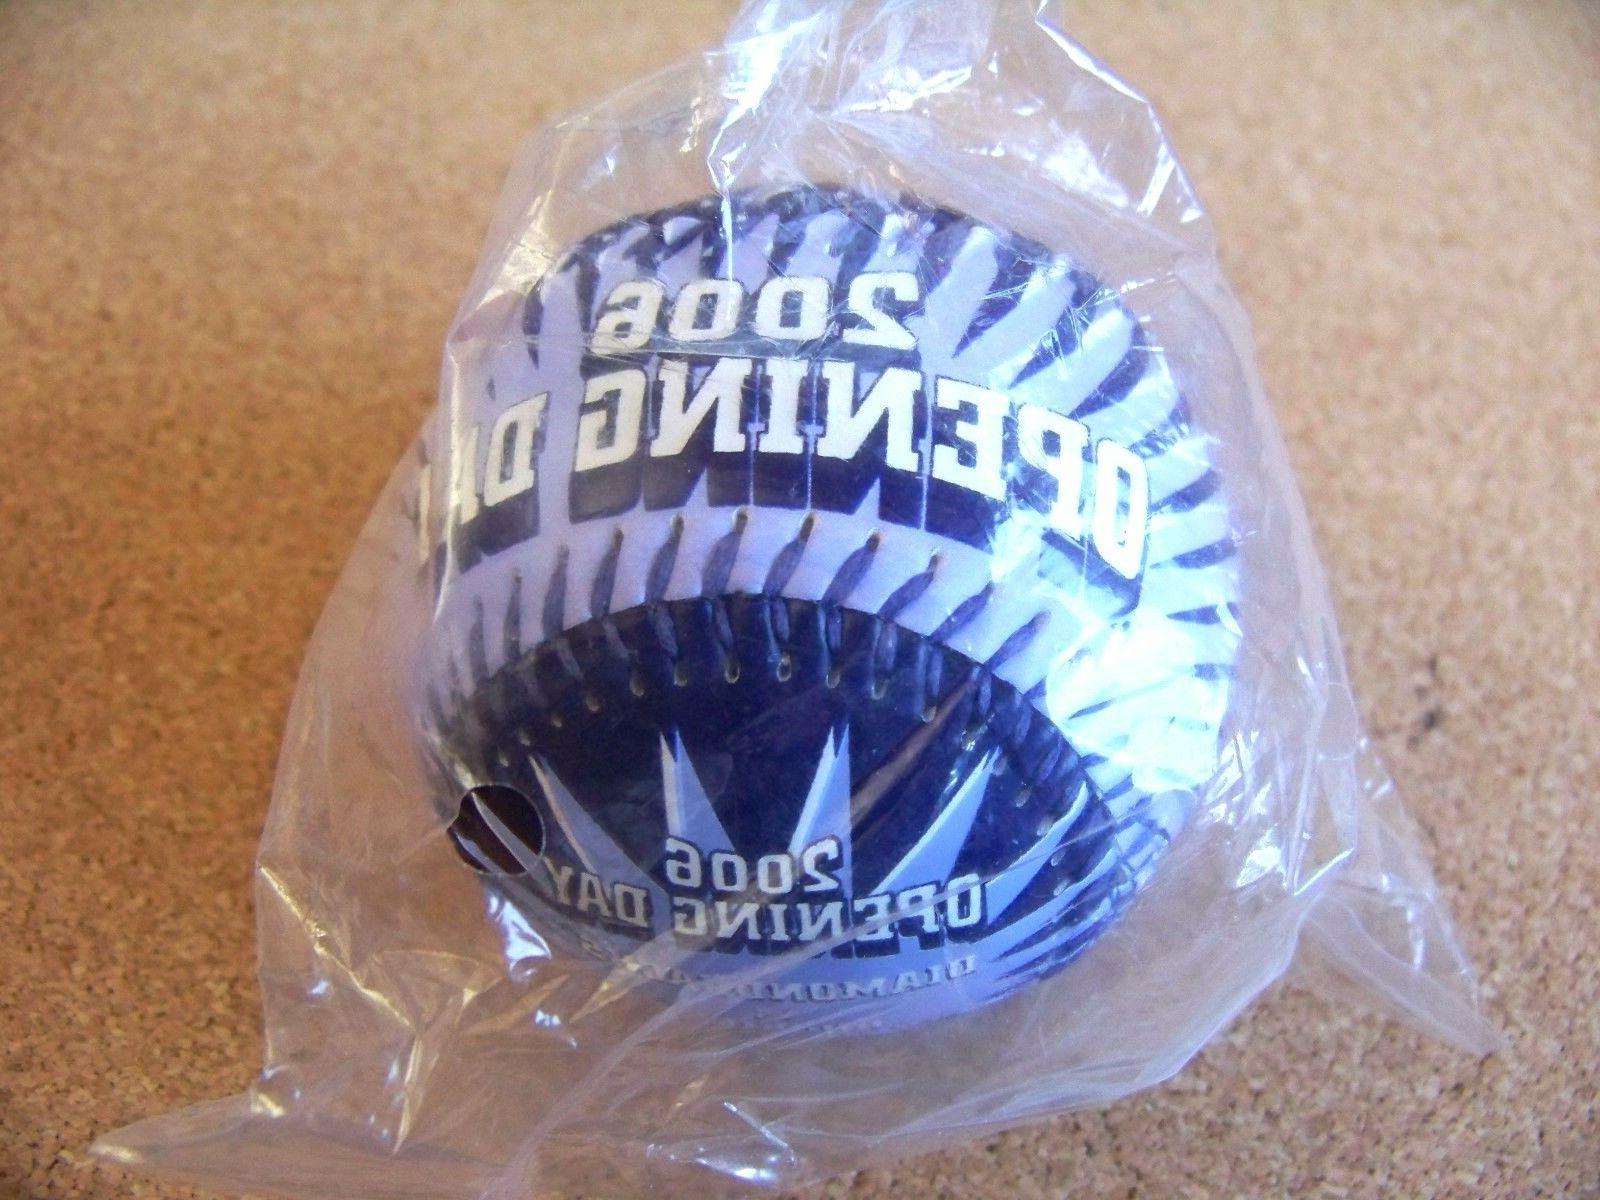 2006 ball